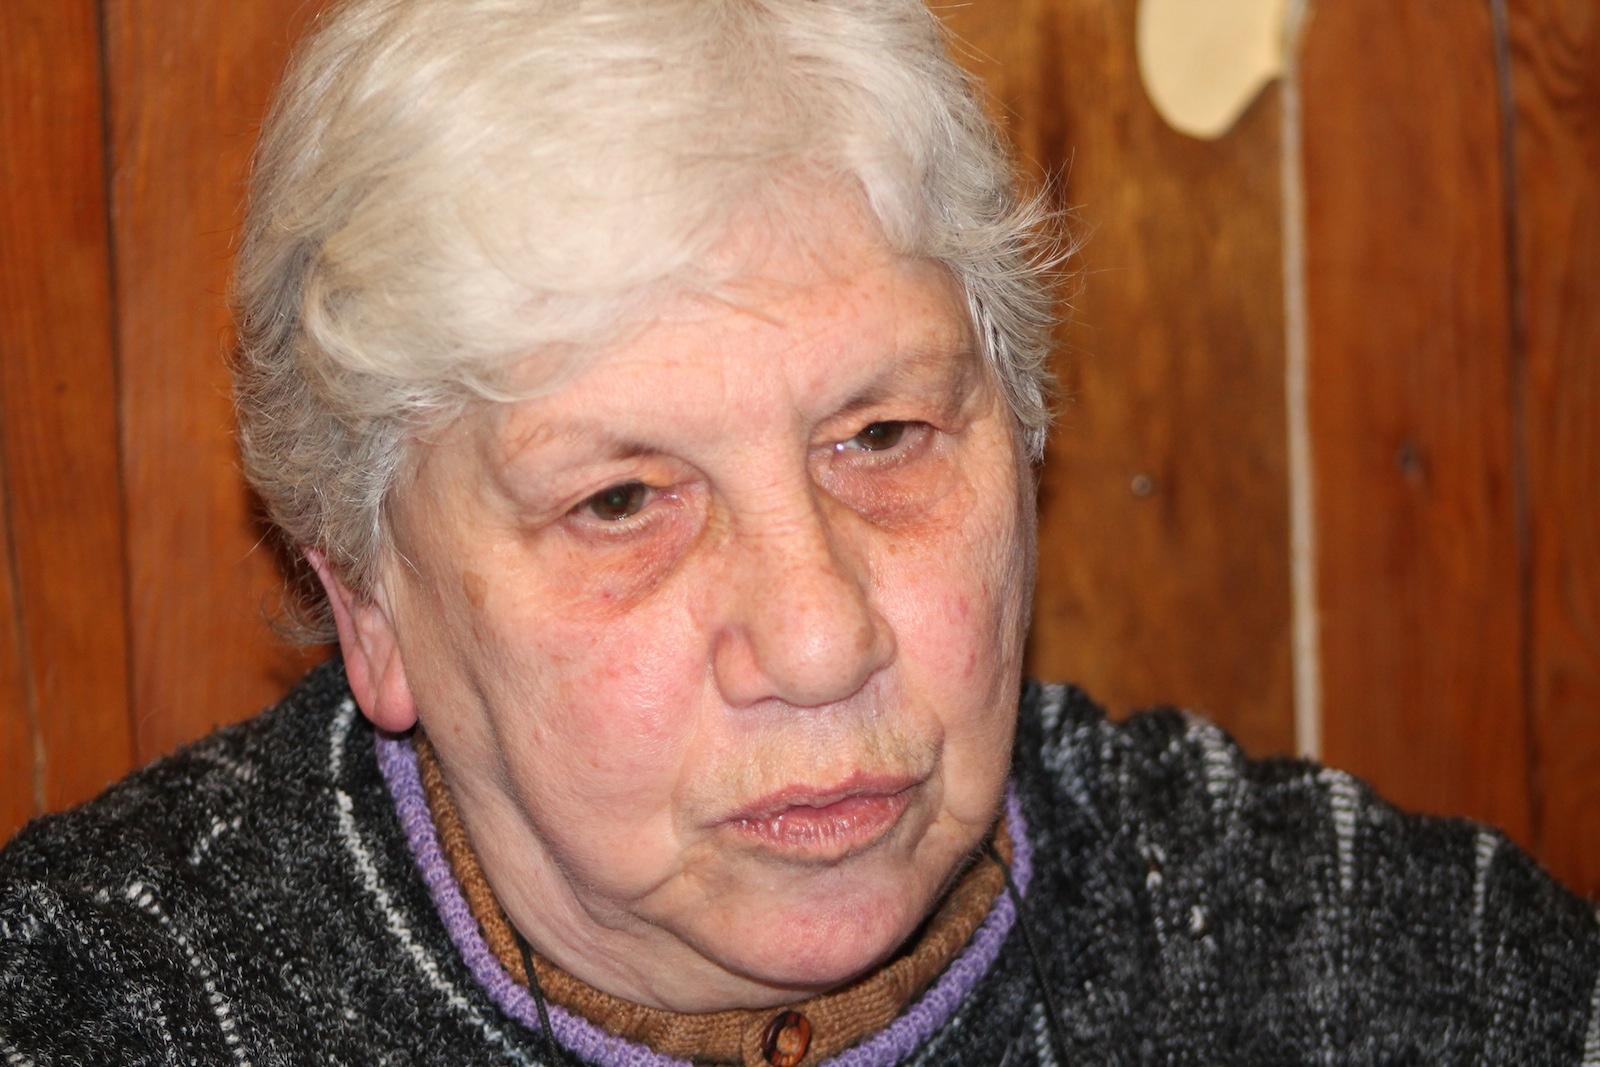 Mirella La Magna, vedova di Felice Pignataro e cofondatrice del GRIDAS